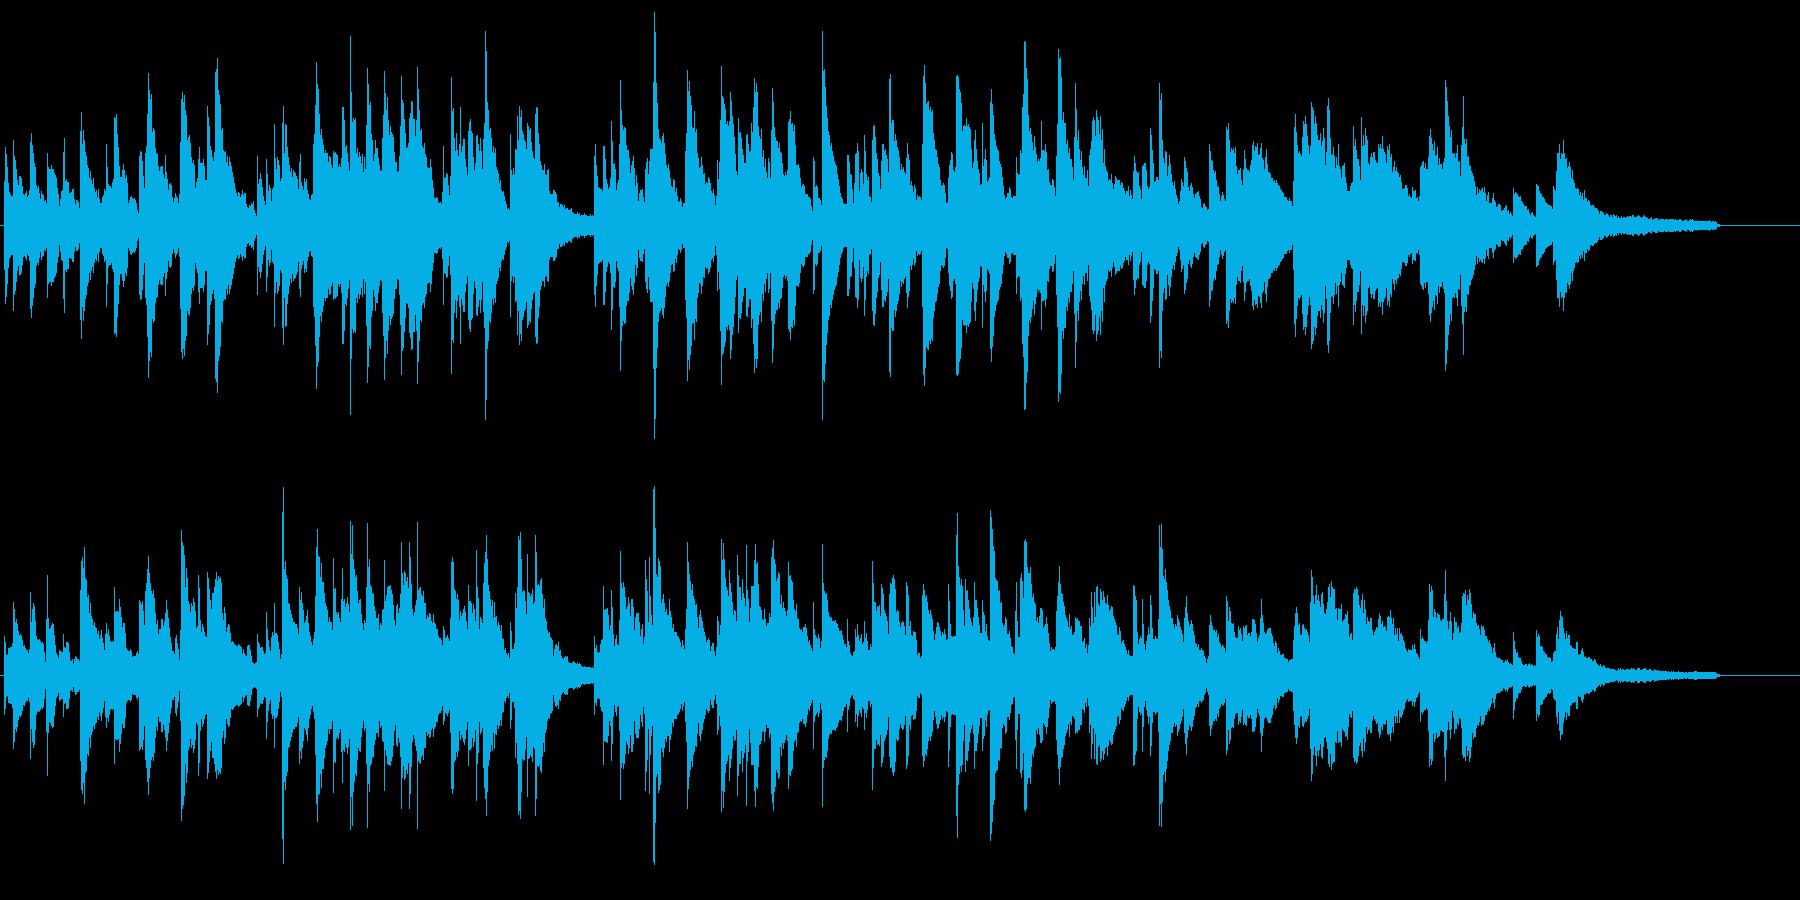 透明感のあるピアノとオルゴールの楽曲の再生済みの波形